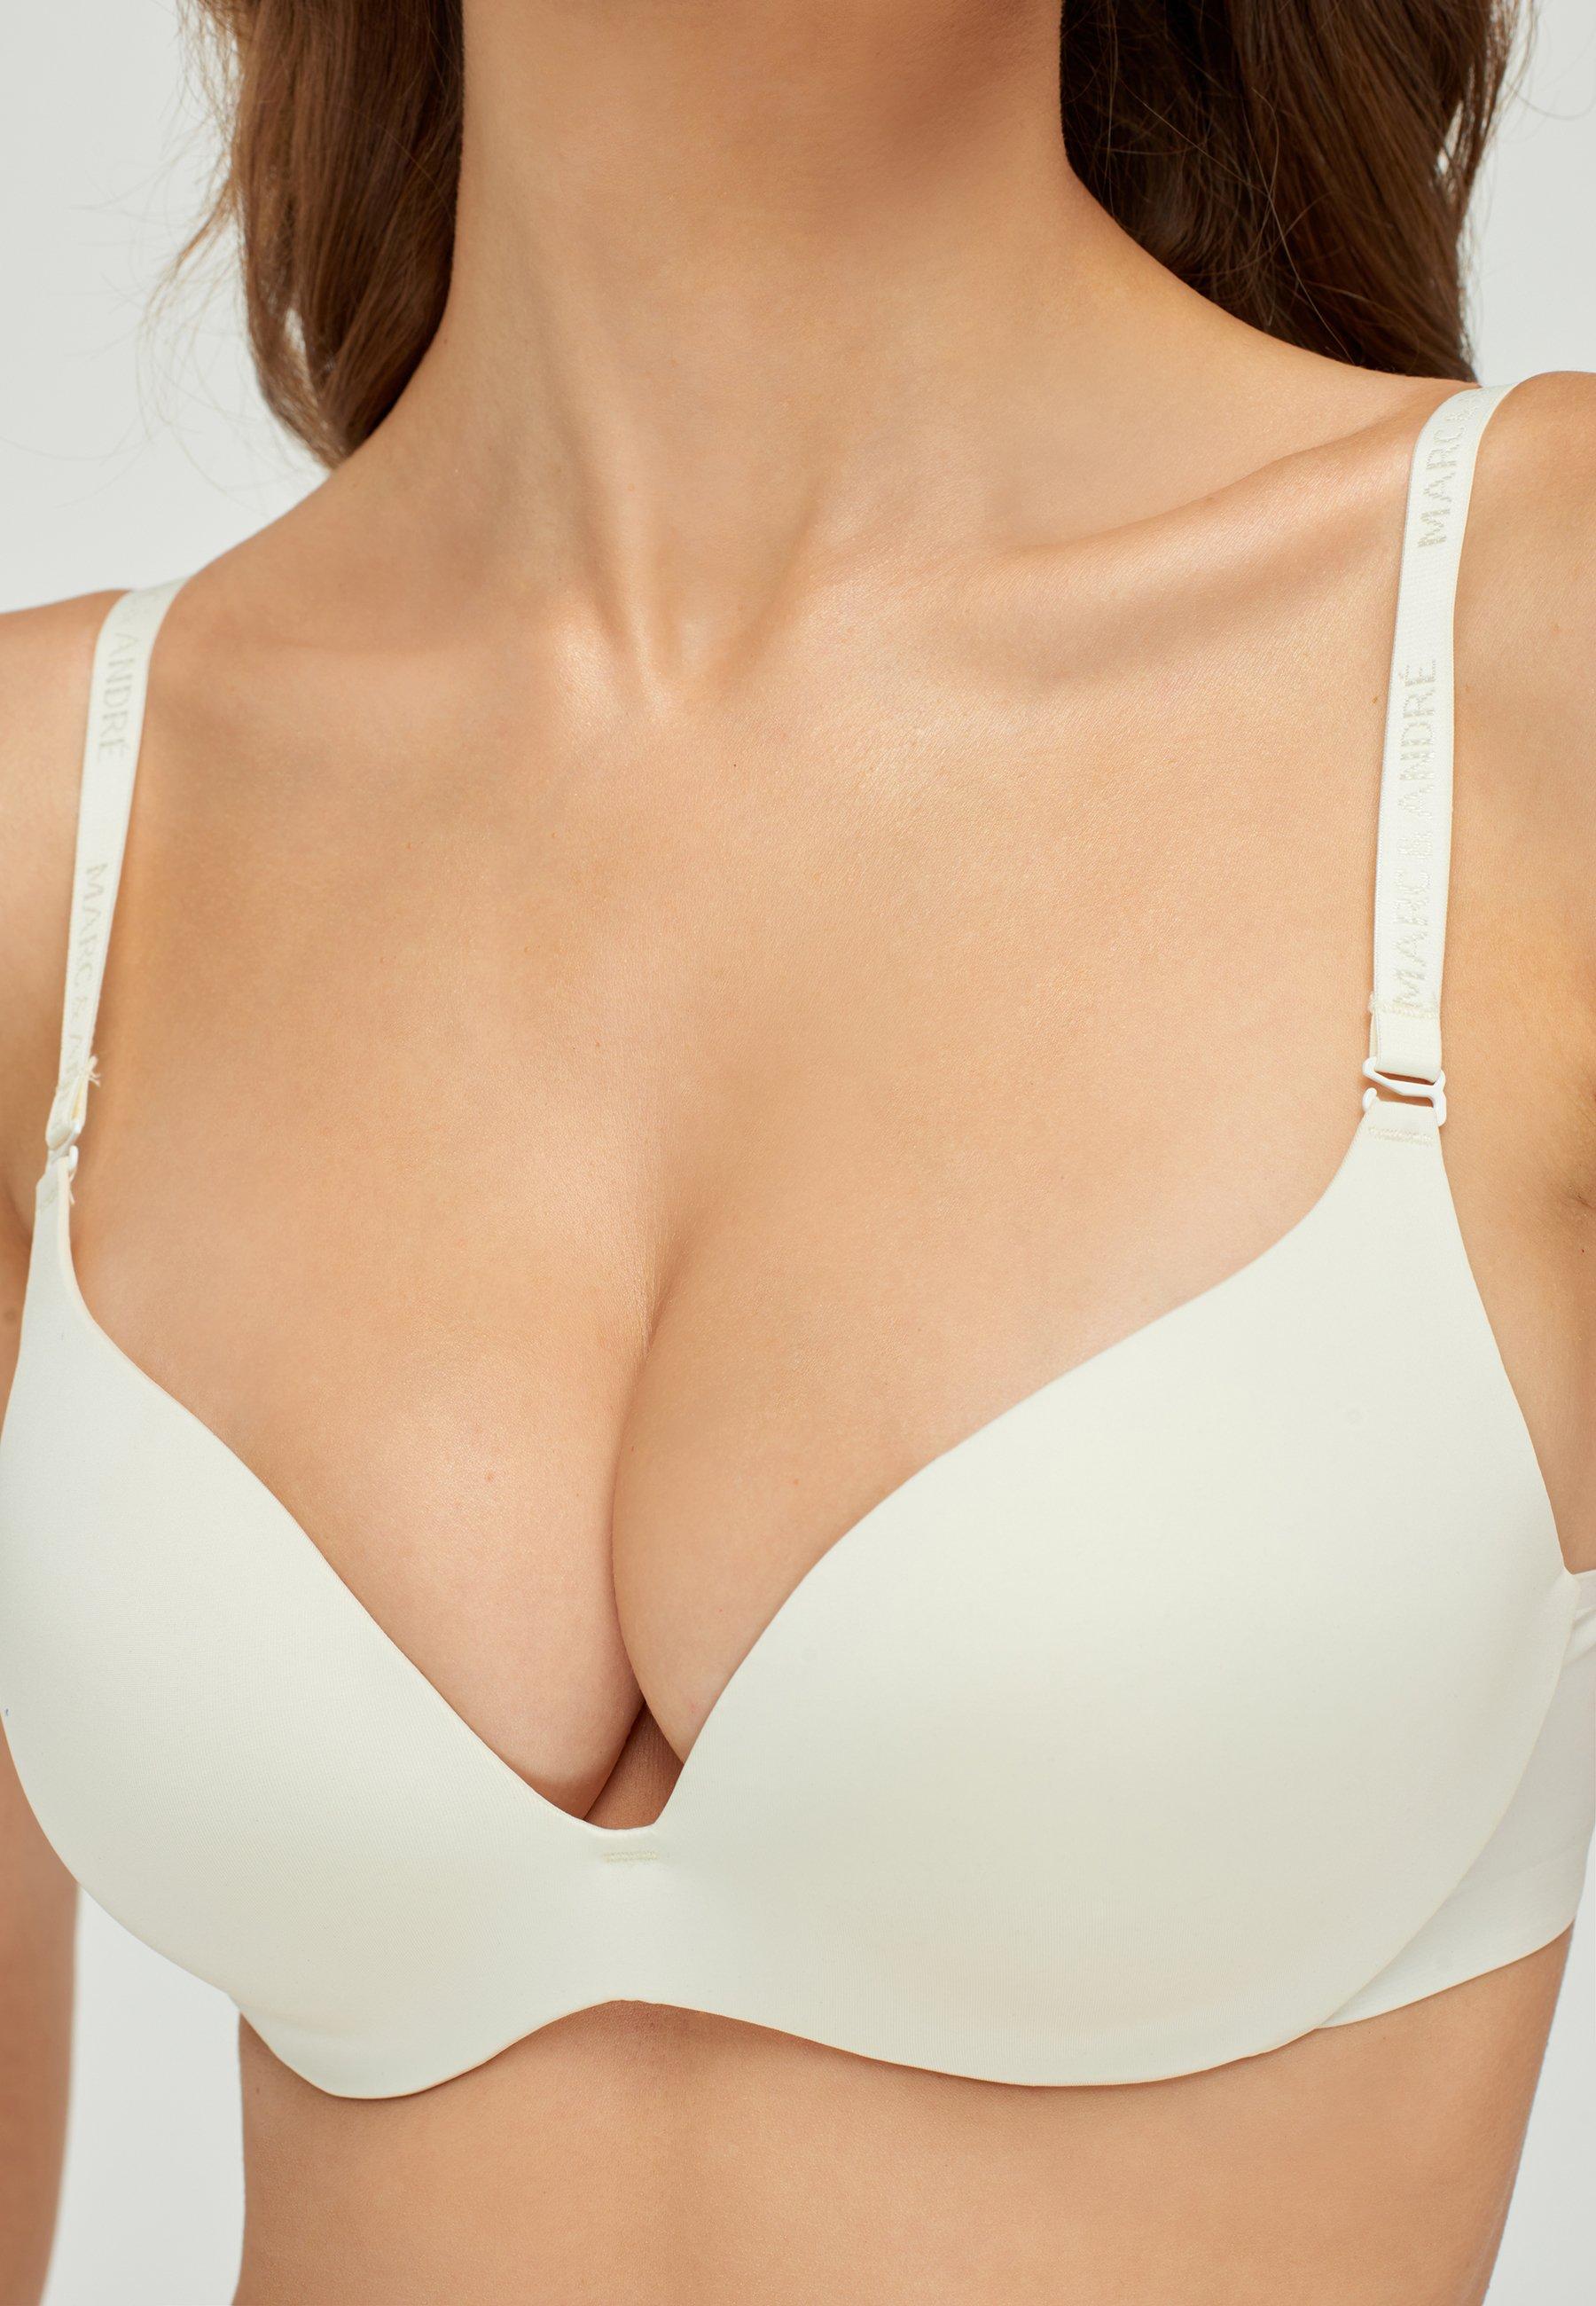 Damen PURE LINES T-SHIRT BRA - T-Shirt BH